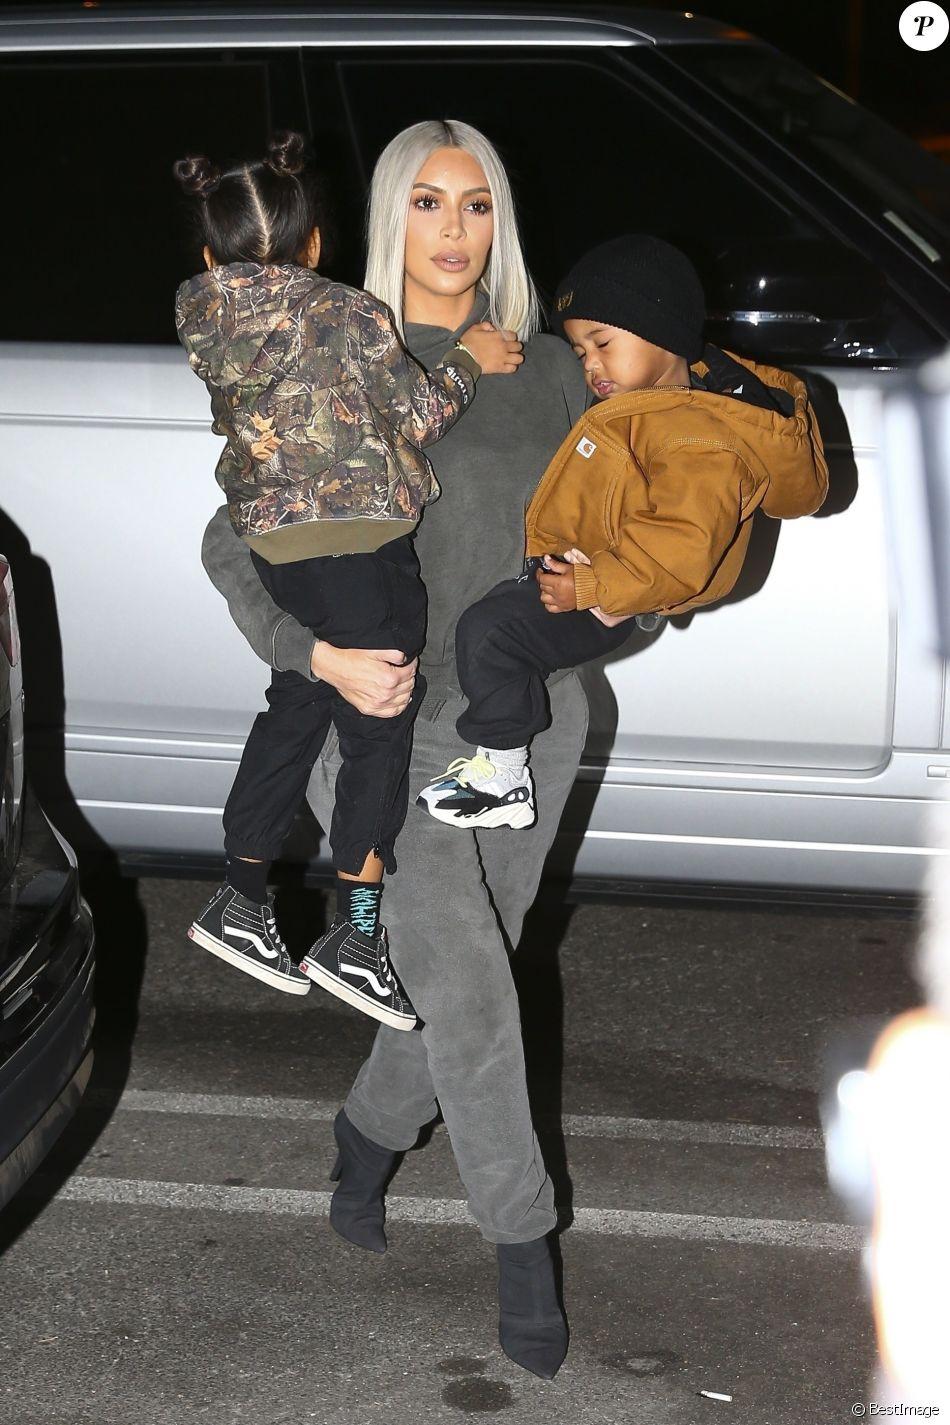 Kourtney Kardashian et sa fille Penelope avec son compagnon Younes Bendjima, Kim Kardashian et ses enfants North et Saint sont allées faire du patin à glace à Malibu le 23 decembre 2017.